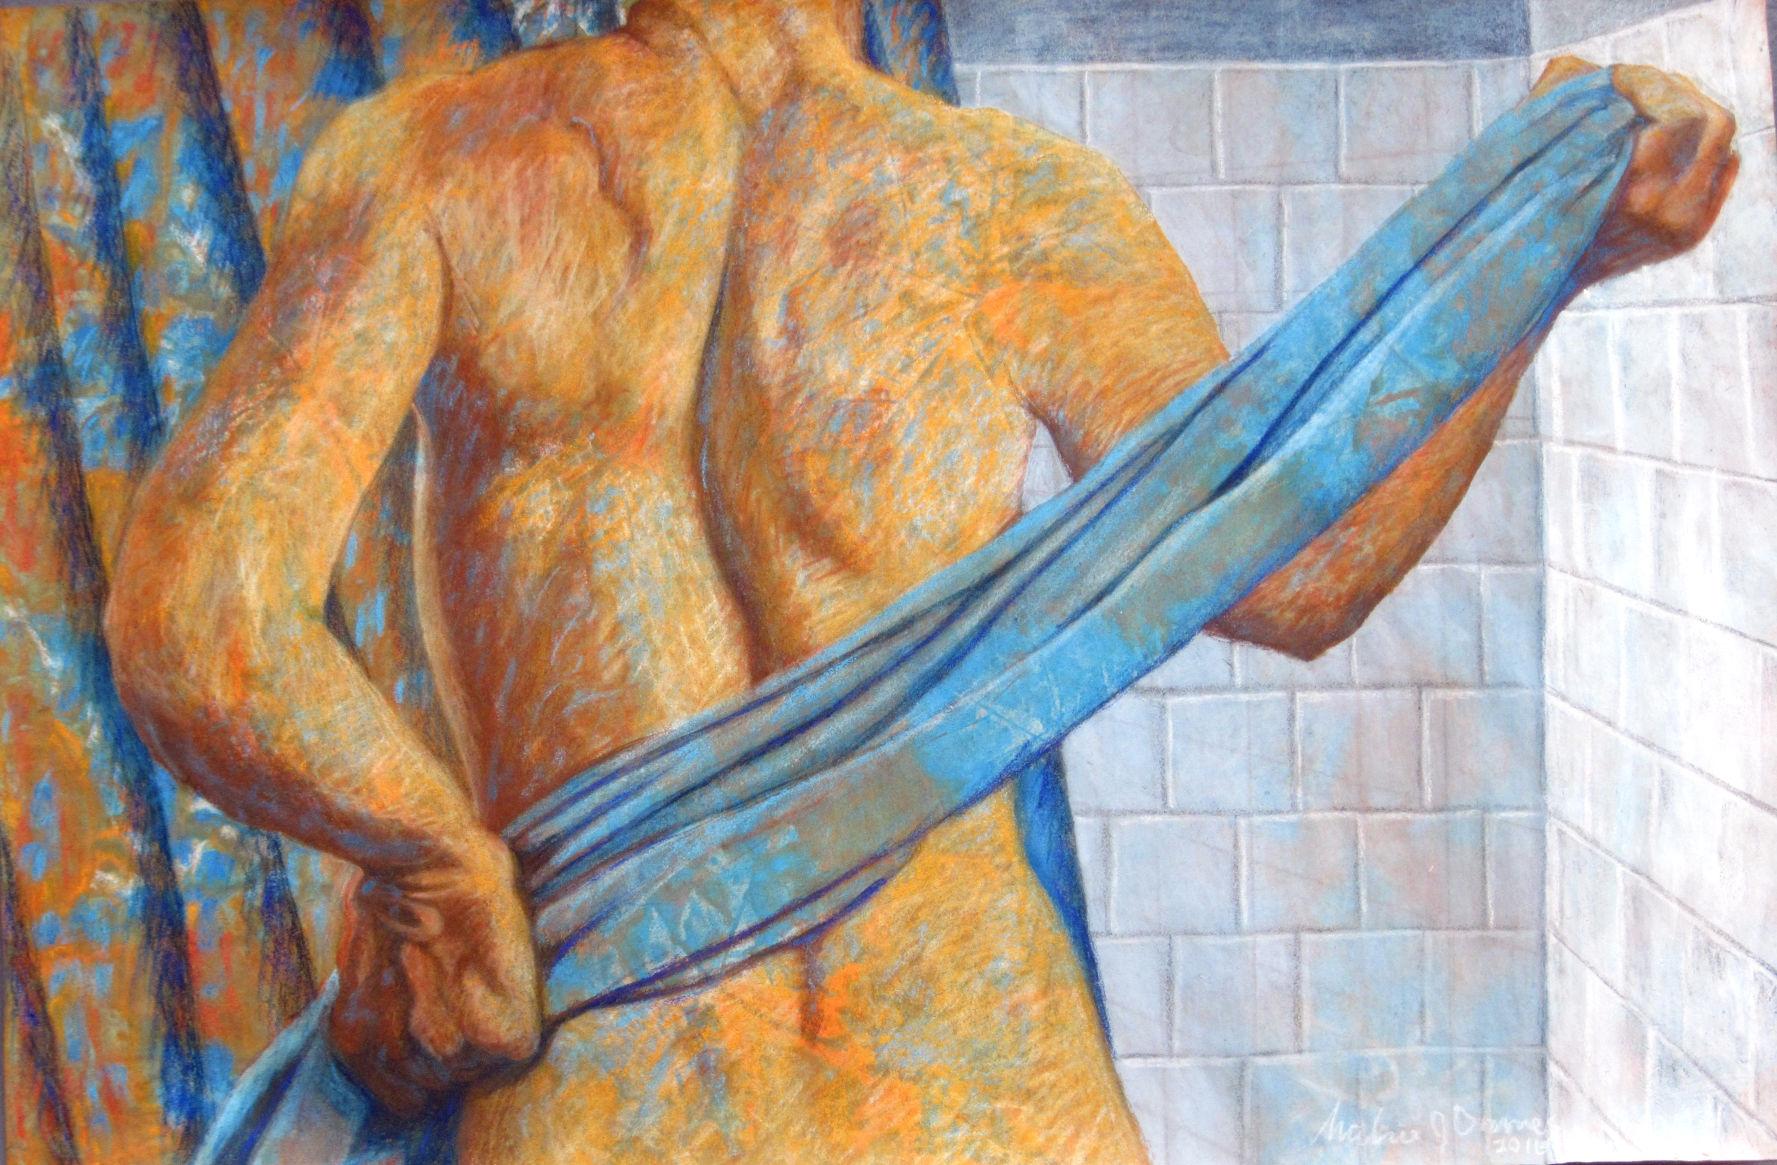 Erotic art community